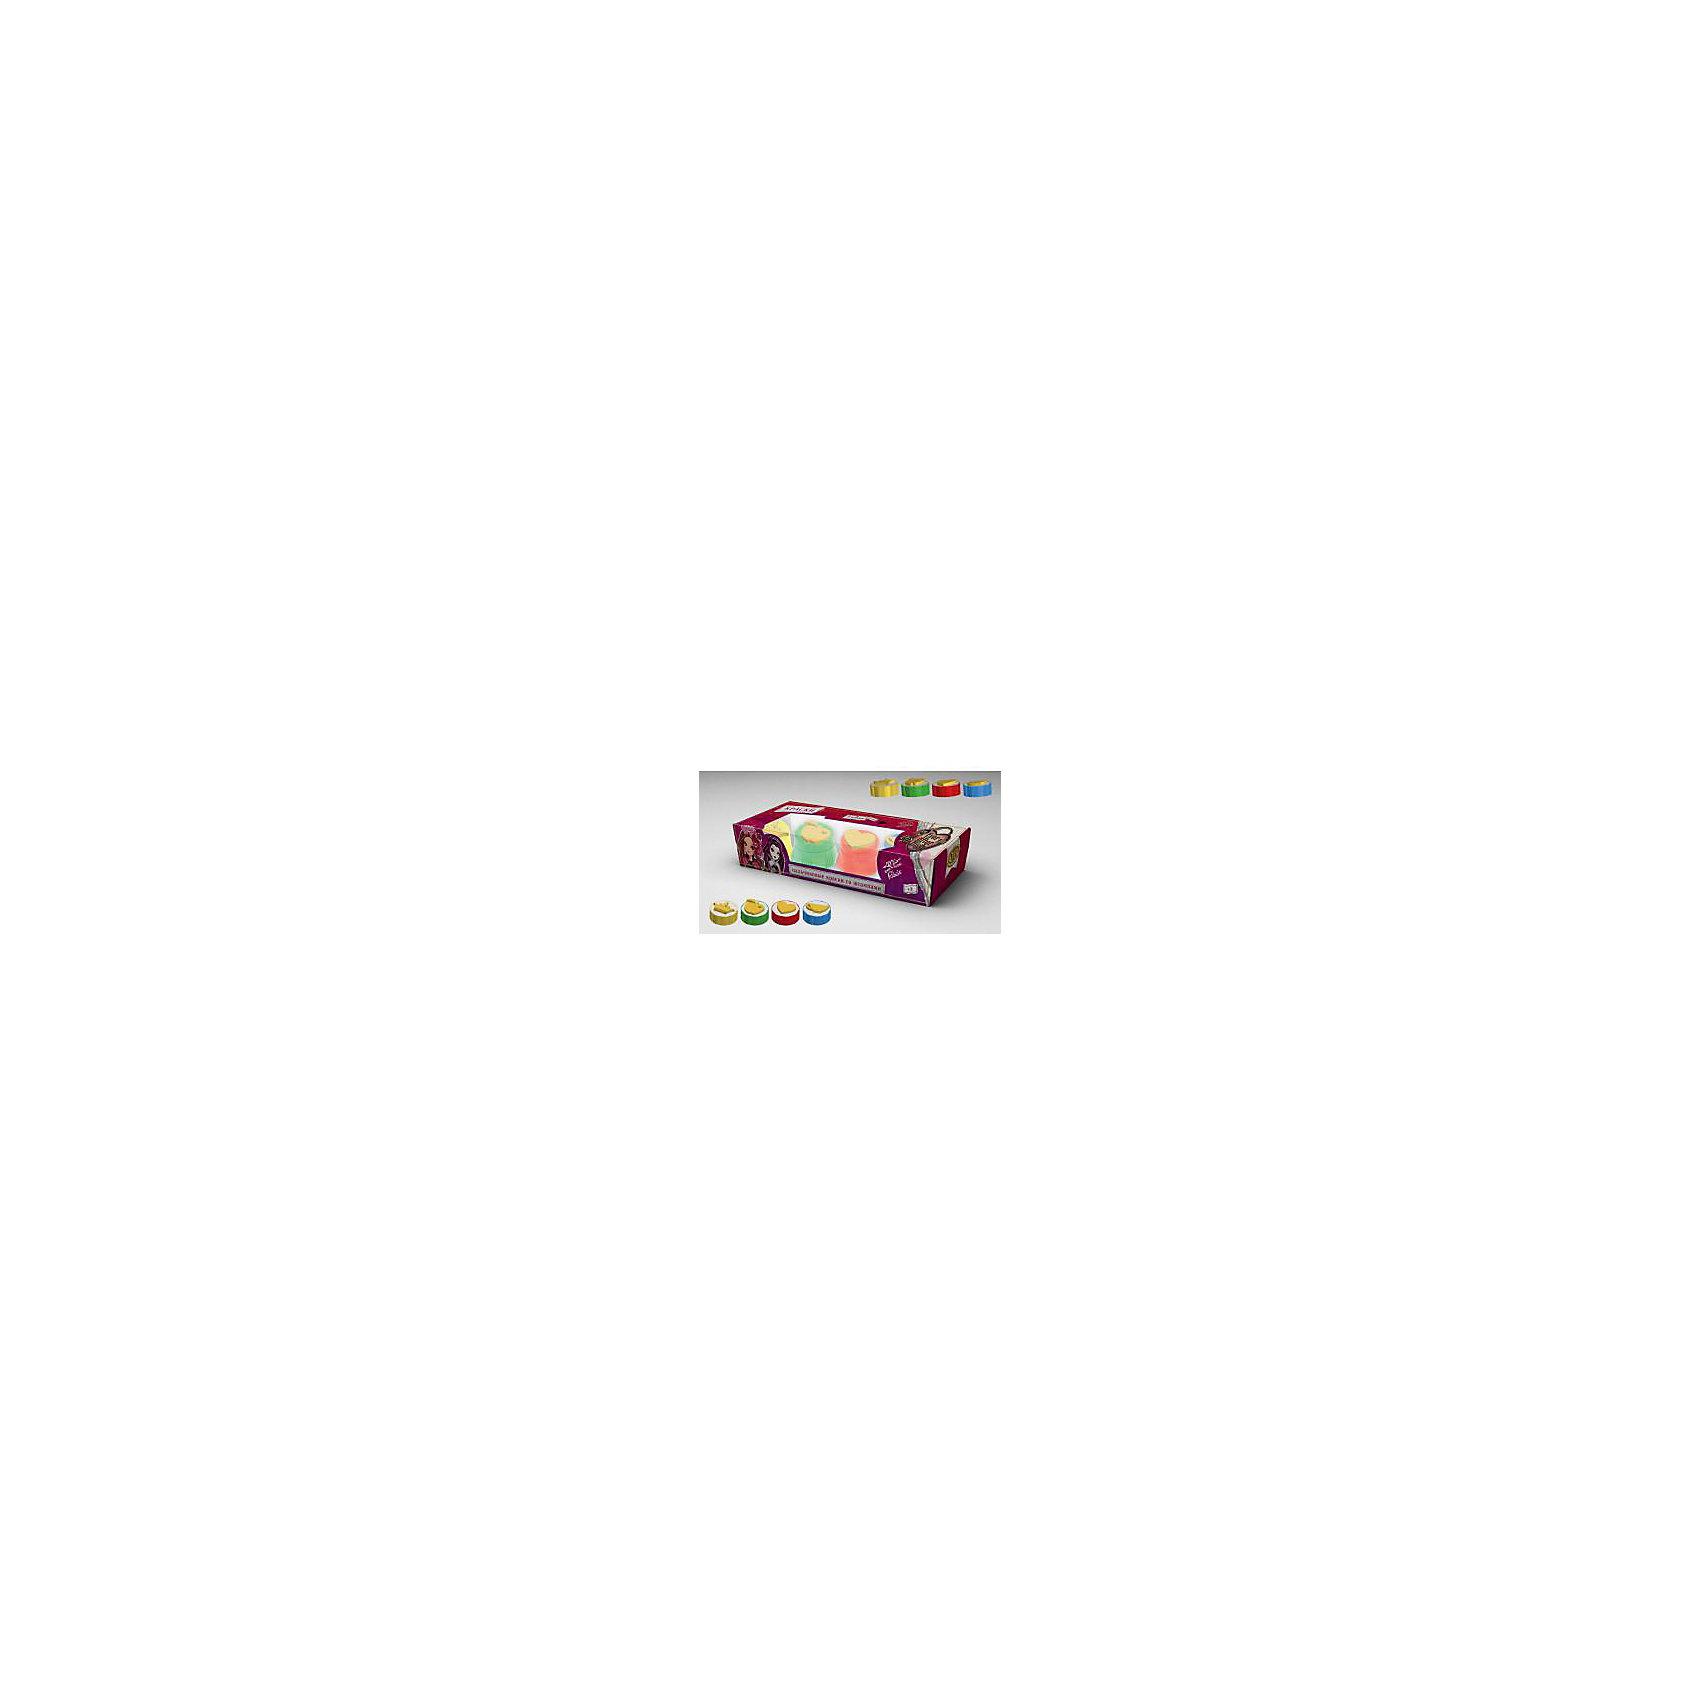 Пальчиковые краски Ever After High со штампами, 4цвПальчиковые краски Ever After High (Эвер Афтер Хай) - увлекательный набор для детского творчества, который надолго увлечет Вашего ребенка. Набор пальчиковых красок оформлен по мотивам популярного мультсериала Ever After High (Эвер Афтер Хай) (Школа Долго и Счастливо) и замечательно подходит для самых маленьких детей, которым еще трудно держать в руках кисточку. В комплекте 4 баночки разных цветов, специально предназначенных для рисования пальцами. Обмакнув пальчики в краски, малыш сможет нарисовать свои первые картинки, а штампики на крышках баночек сделают процесс рисования еще веселее и интереснее. Краски не вызывают аллергических реакций и абсолютно безвредны для кожи. Набор развивает у ребенка фантазию, творческие способности и мелкую моторику рук.<br><br>Дополнительная информация:<br><br>- В комплекте: 4 цвета.<br>- Материал: краски, пластик. <br>- Размер упаковки: 7 х 27 х 4,5 см. <br>- Вес: 239 гр.<br><br>Пальчиковые краски Ever After High (Эвер Афтер Хай) со штампами, 4 цв., Centrum, можно купить в нашем интернет-магазине<br><br>Ширина мм: 70<br>Глубина мм: 270<br>Высота мм: 45<br>Вес г: 239<br>Возраст от месяцев: 24<br>Возраст до месяцев: 48<br>Пол: Женский<br>Возраст: Детский<br>SKU: 4356980